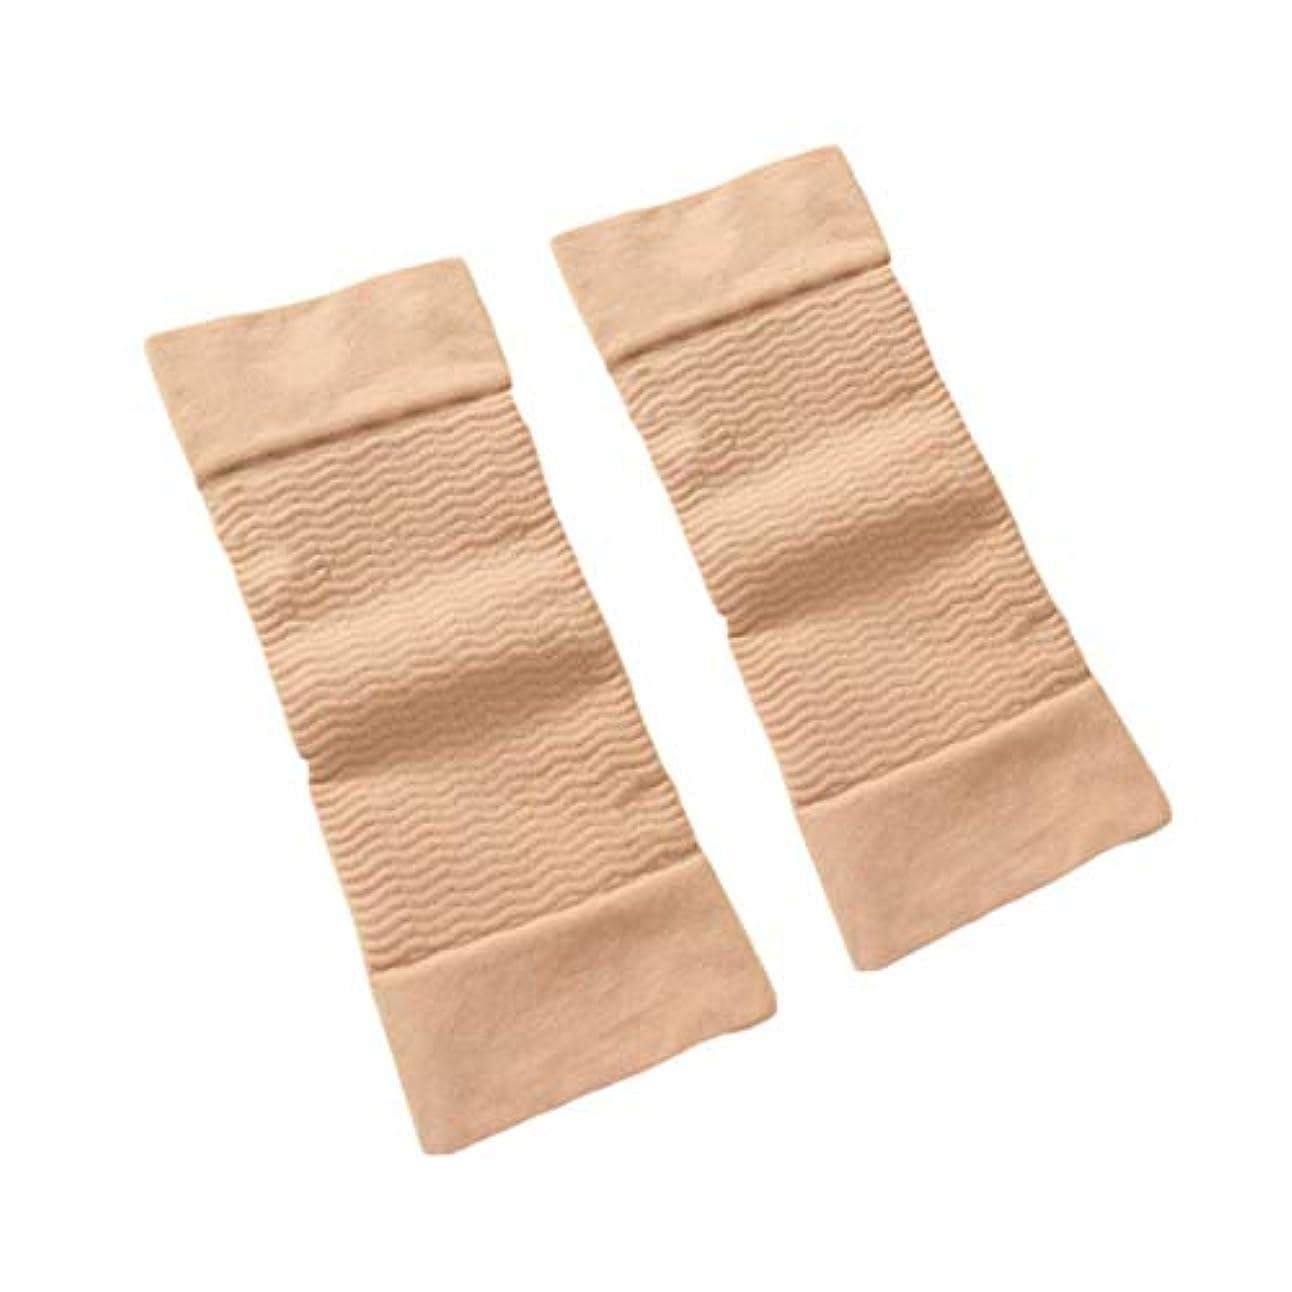 幸運硬化する稼ぐ1ペア420 D圧縮痩身アームスリーブワークアウトトーニングバーンセルライトシェイパー脂肪燃焼袖用女性 - 肌色